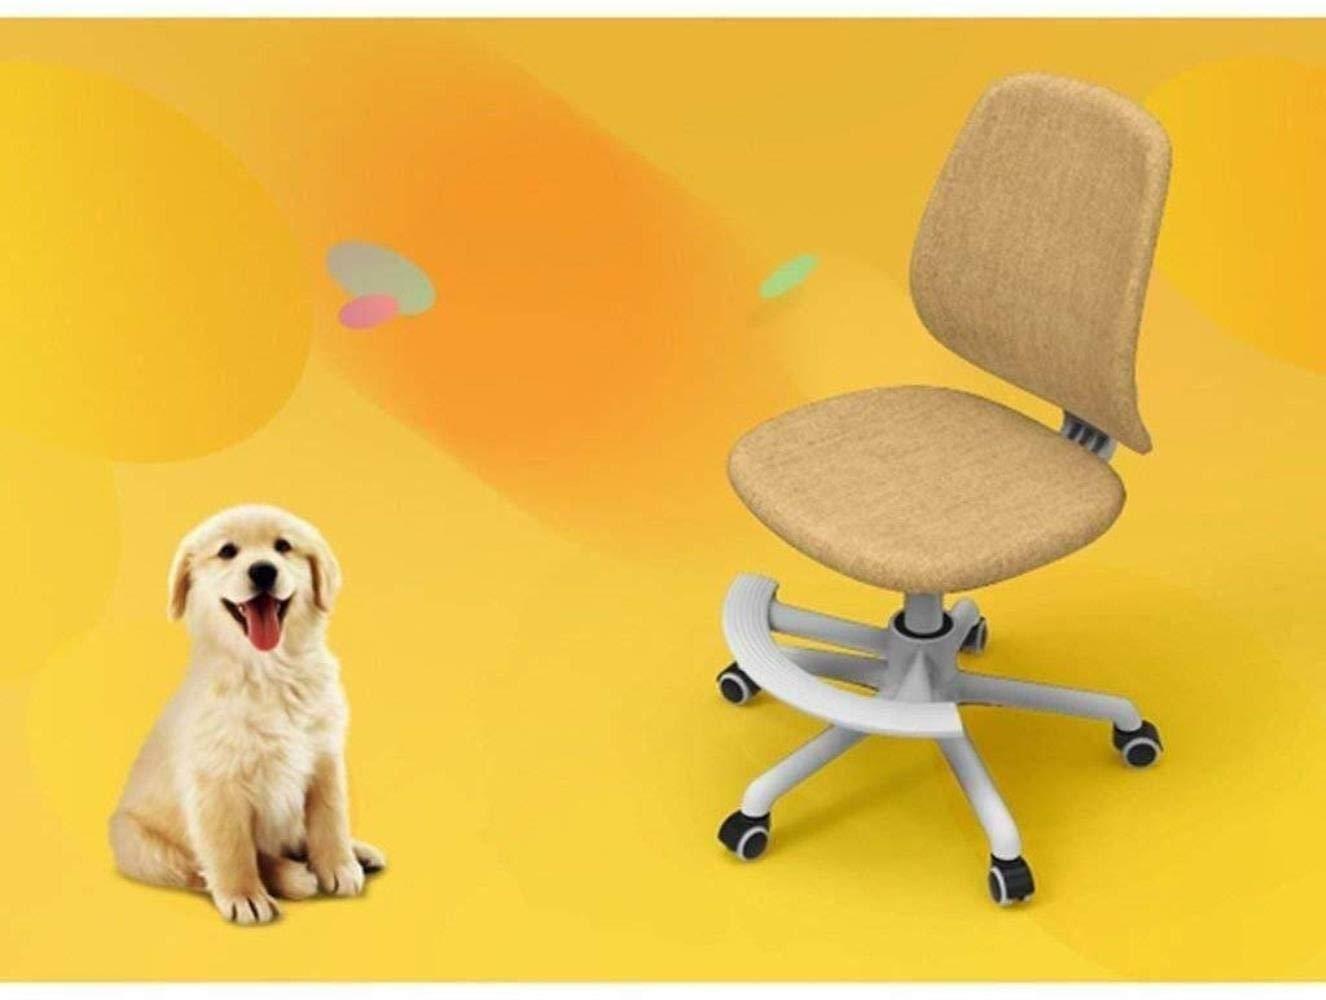 Barstolar Xiuyun svängbar stol – armlös mellanrygg nät uppgift datorstol – ergonomisk dator/kontorsstol spelstol (färg: Utan pedaler) With Pedals